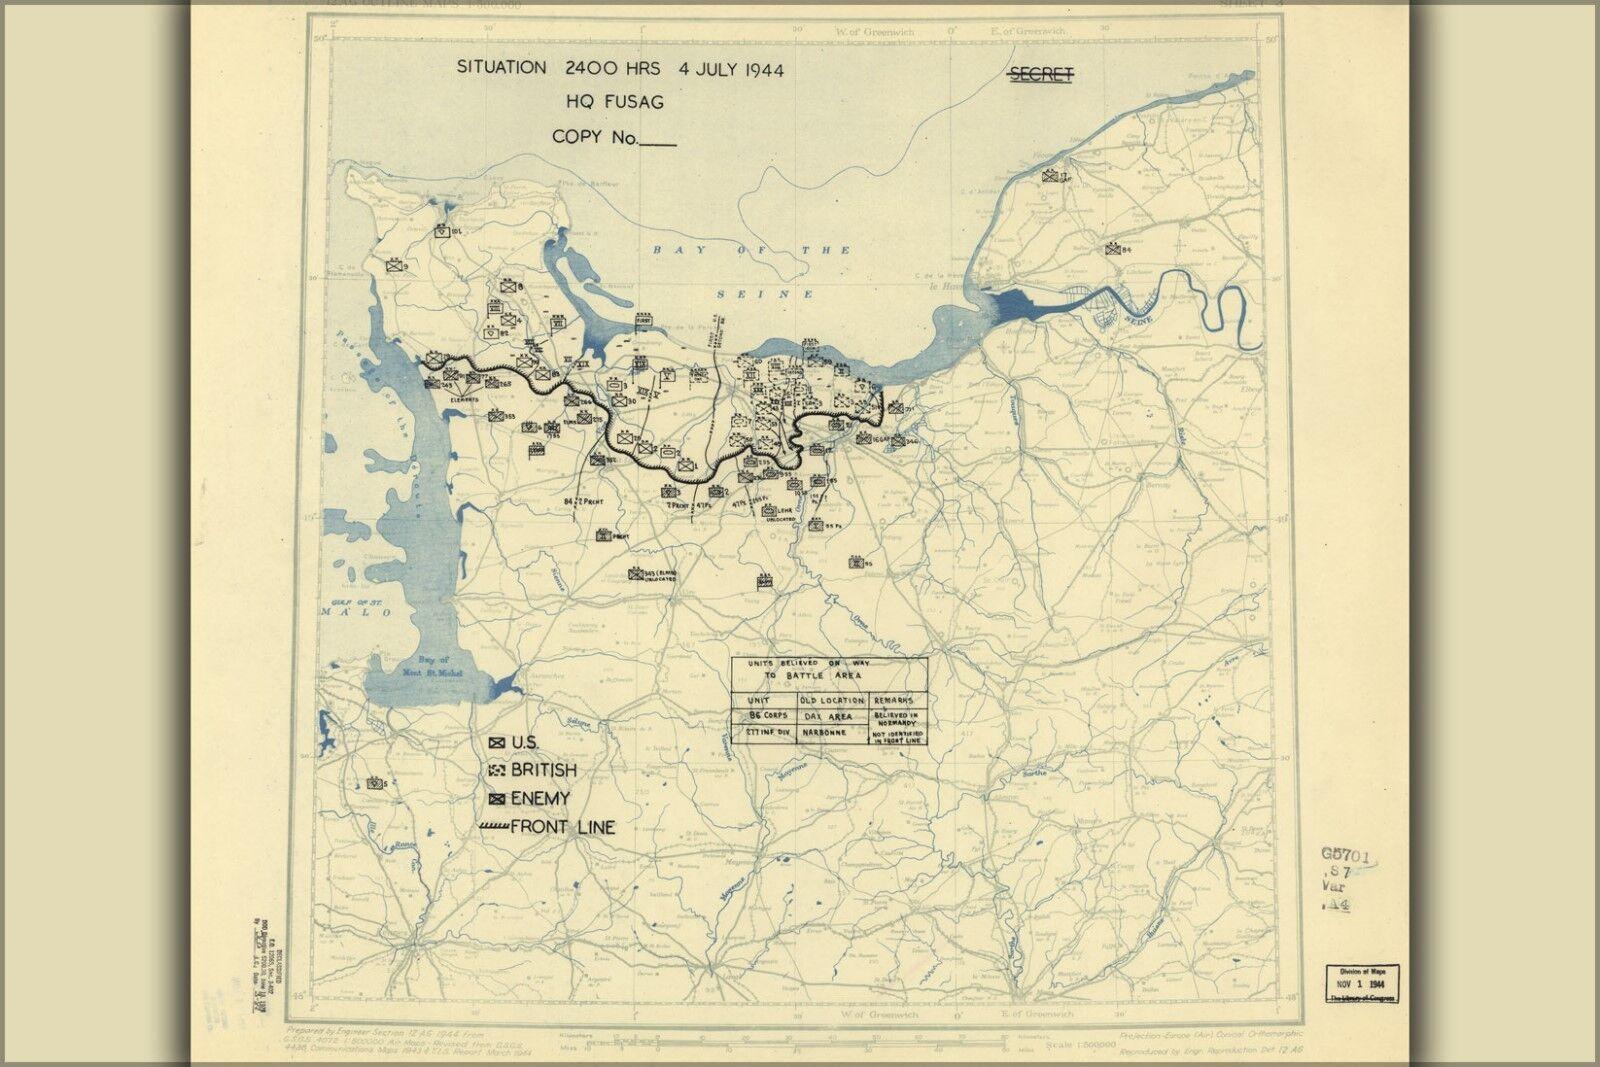 Plakat, Viele Größen ; July 4, 1944 Schlacht Normandie Karte